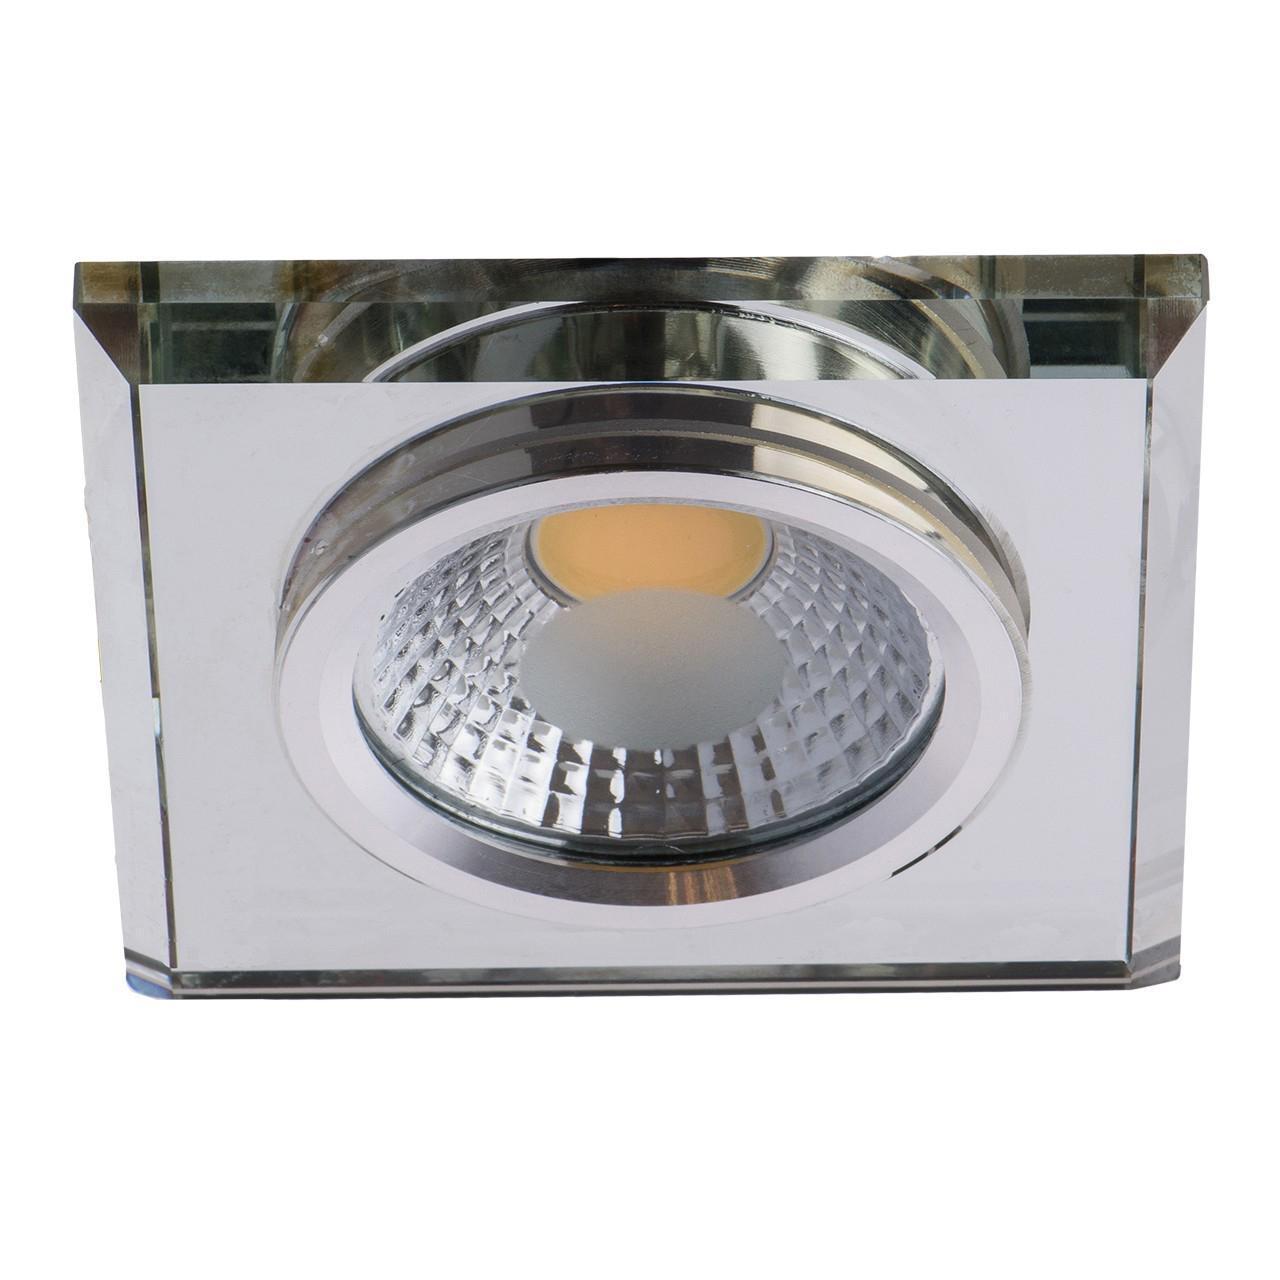 Фото - Встраиваемый светодиодный светильник De Markt Круз 12 637014901 cветильник галогенный de fran встраиваемый 1х50вт mr16 ip20 зел античное золото